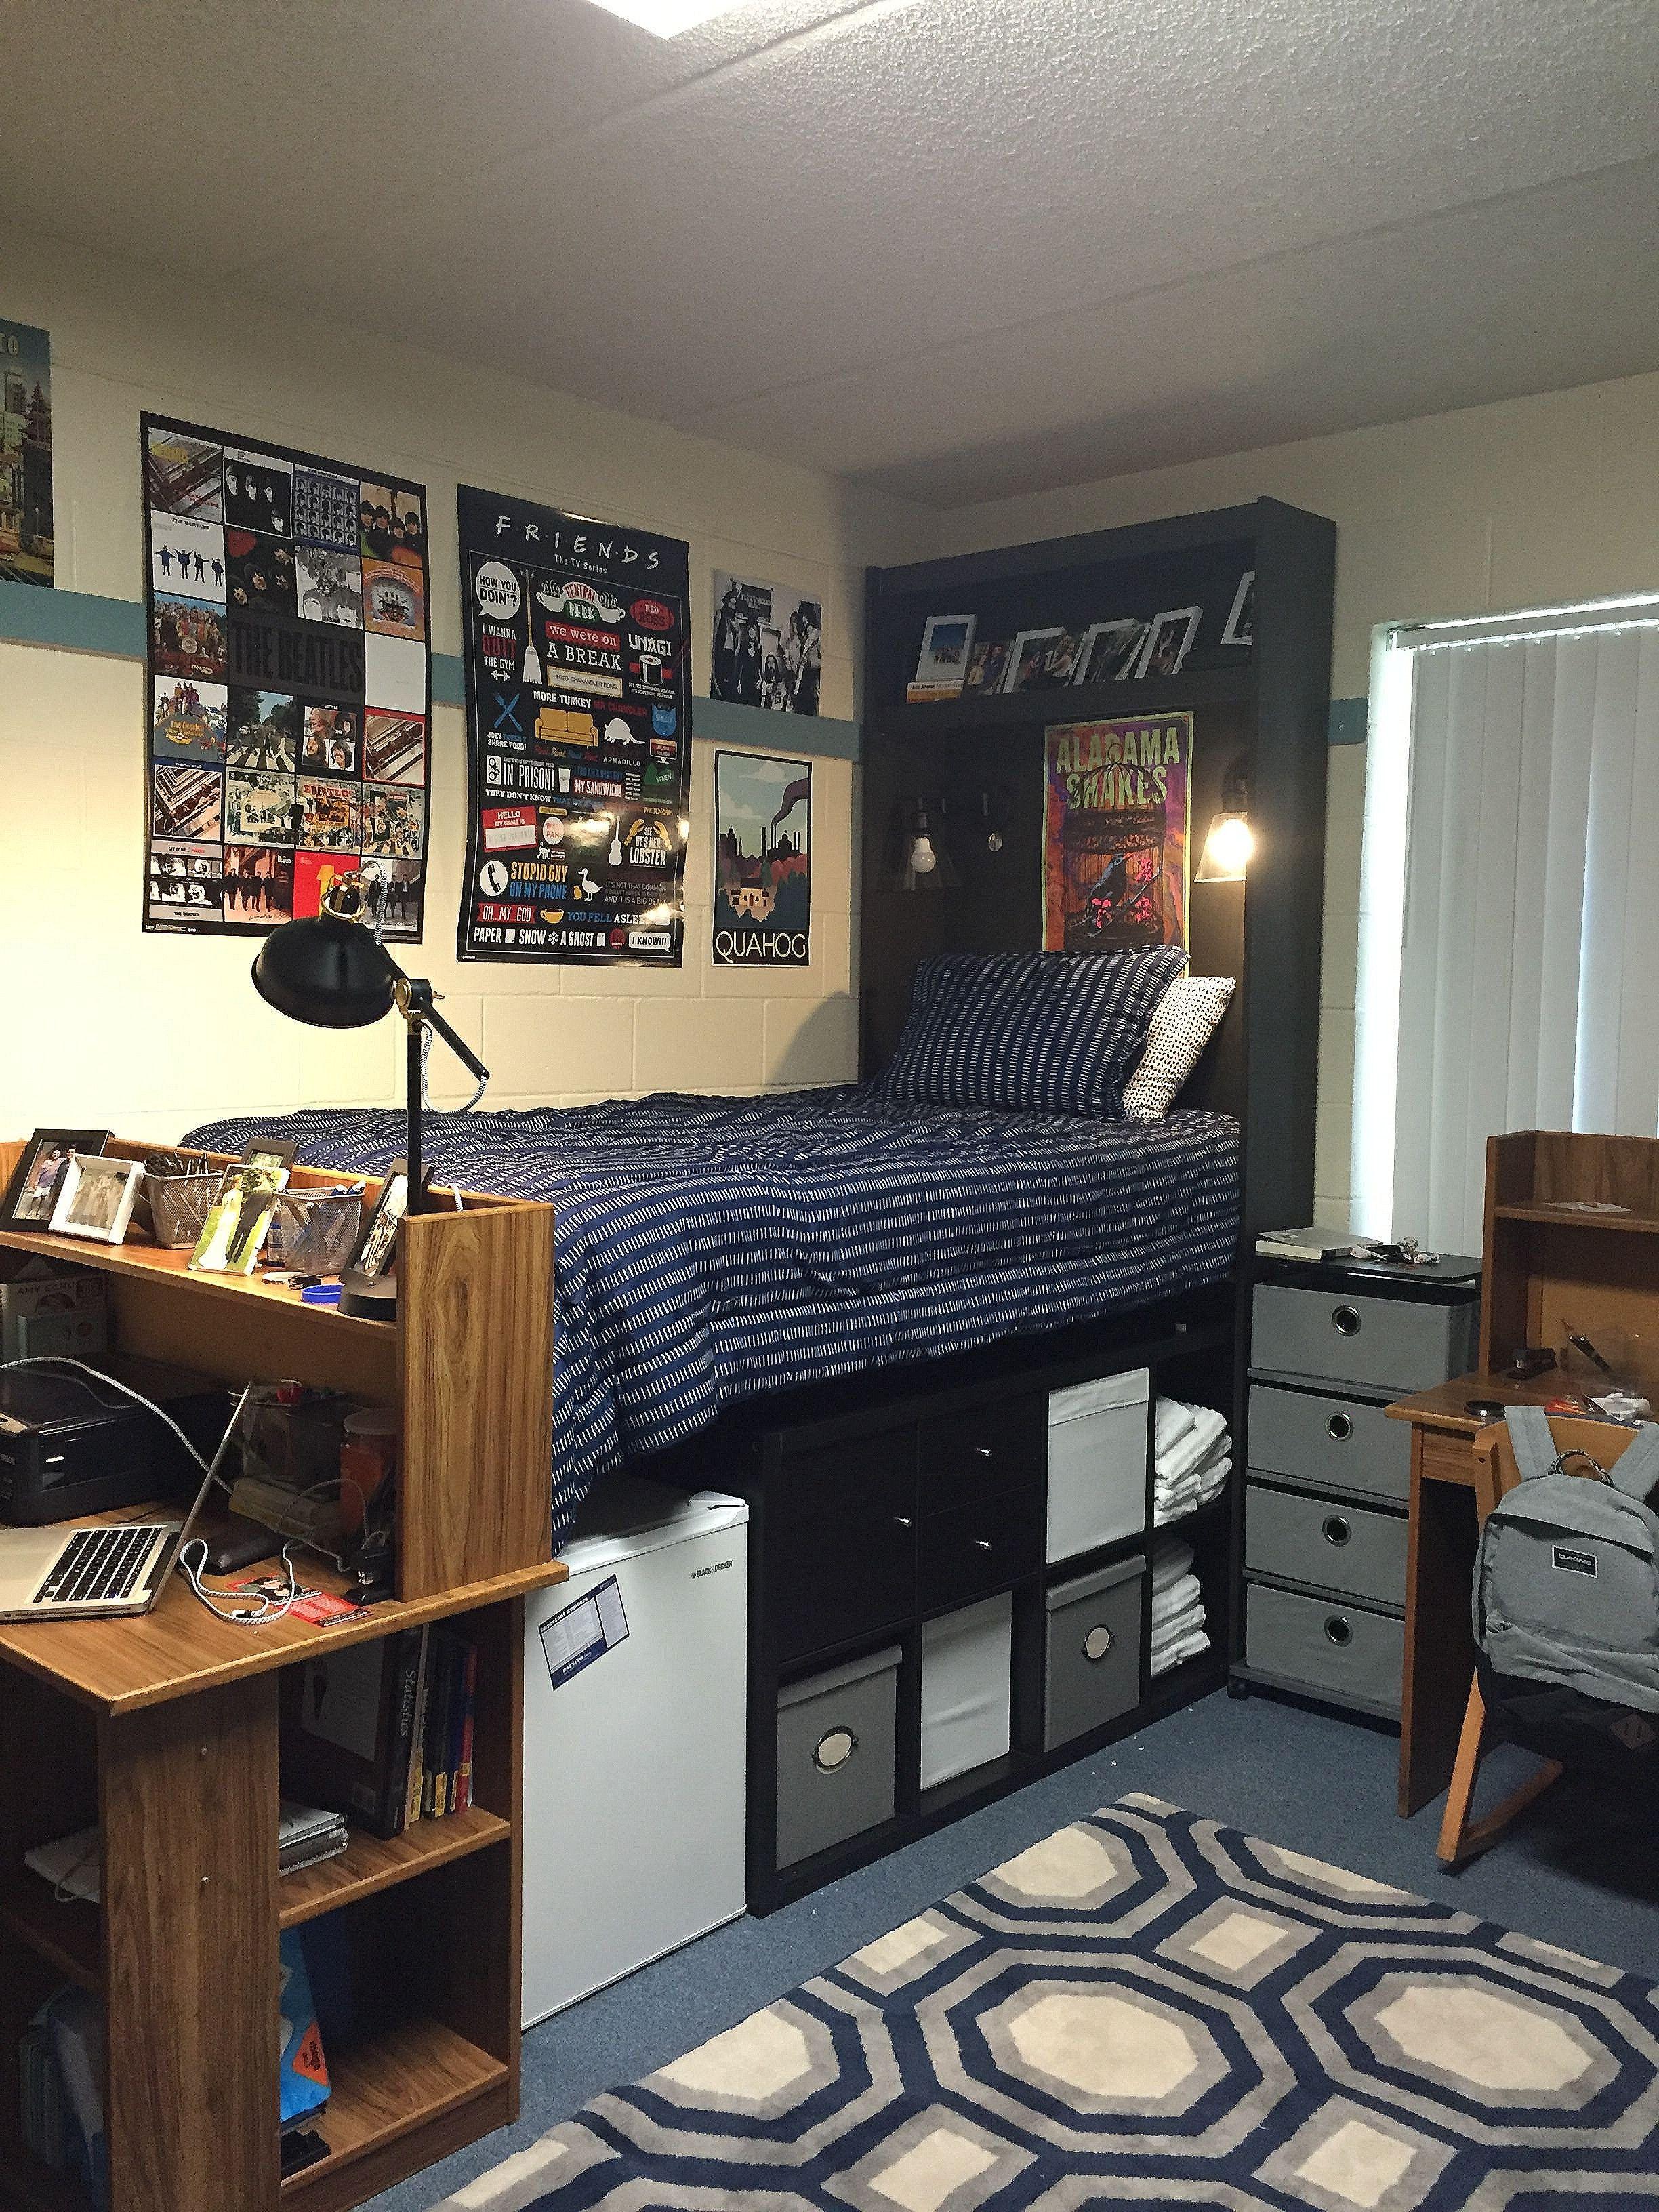 Awesome Living Room Ideas For College Apartment Livingroomdsseldorfsauna Livingr Dorm Room Diy College Apartment Decor Apartment Decorating College Bedroom